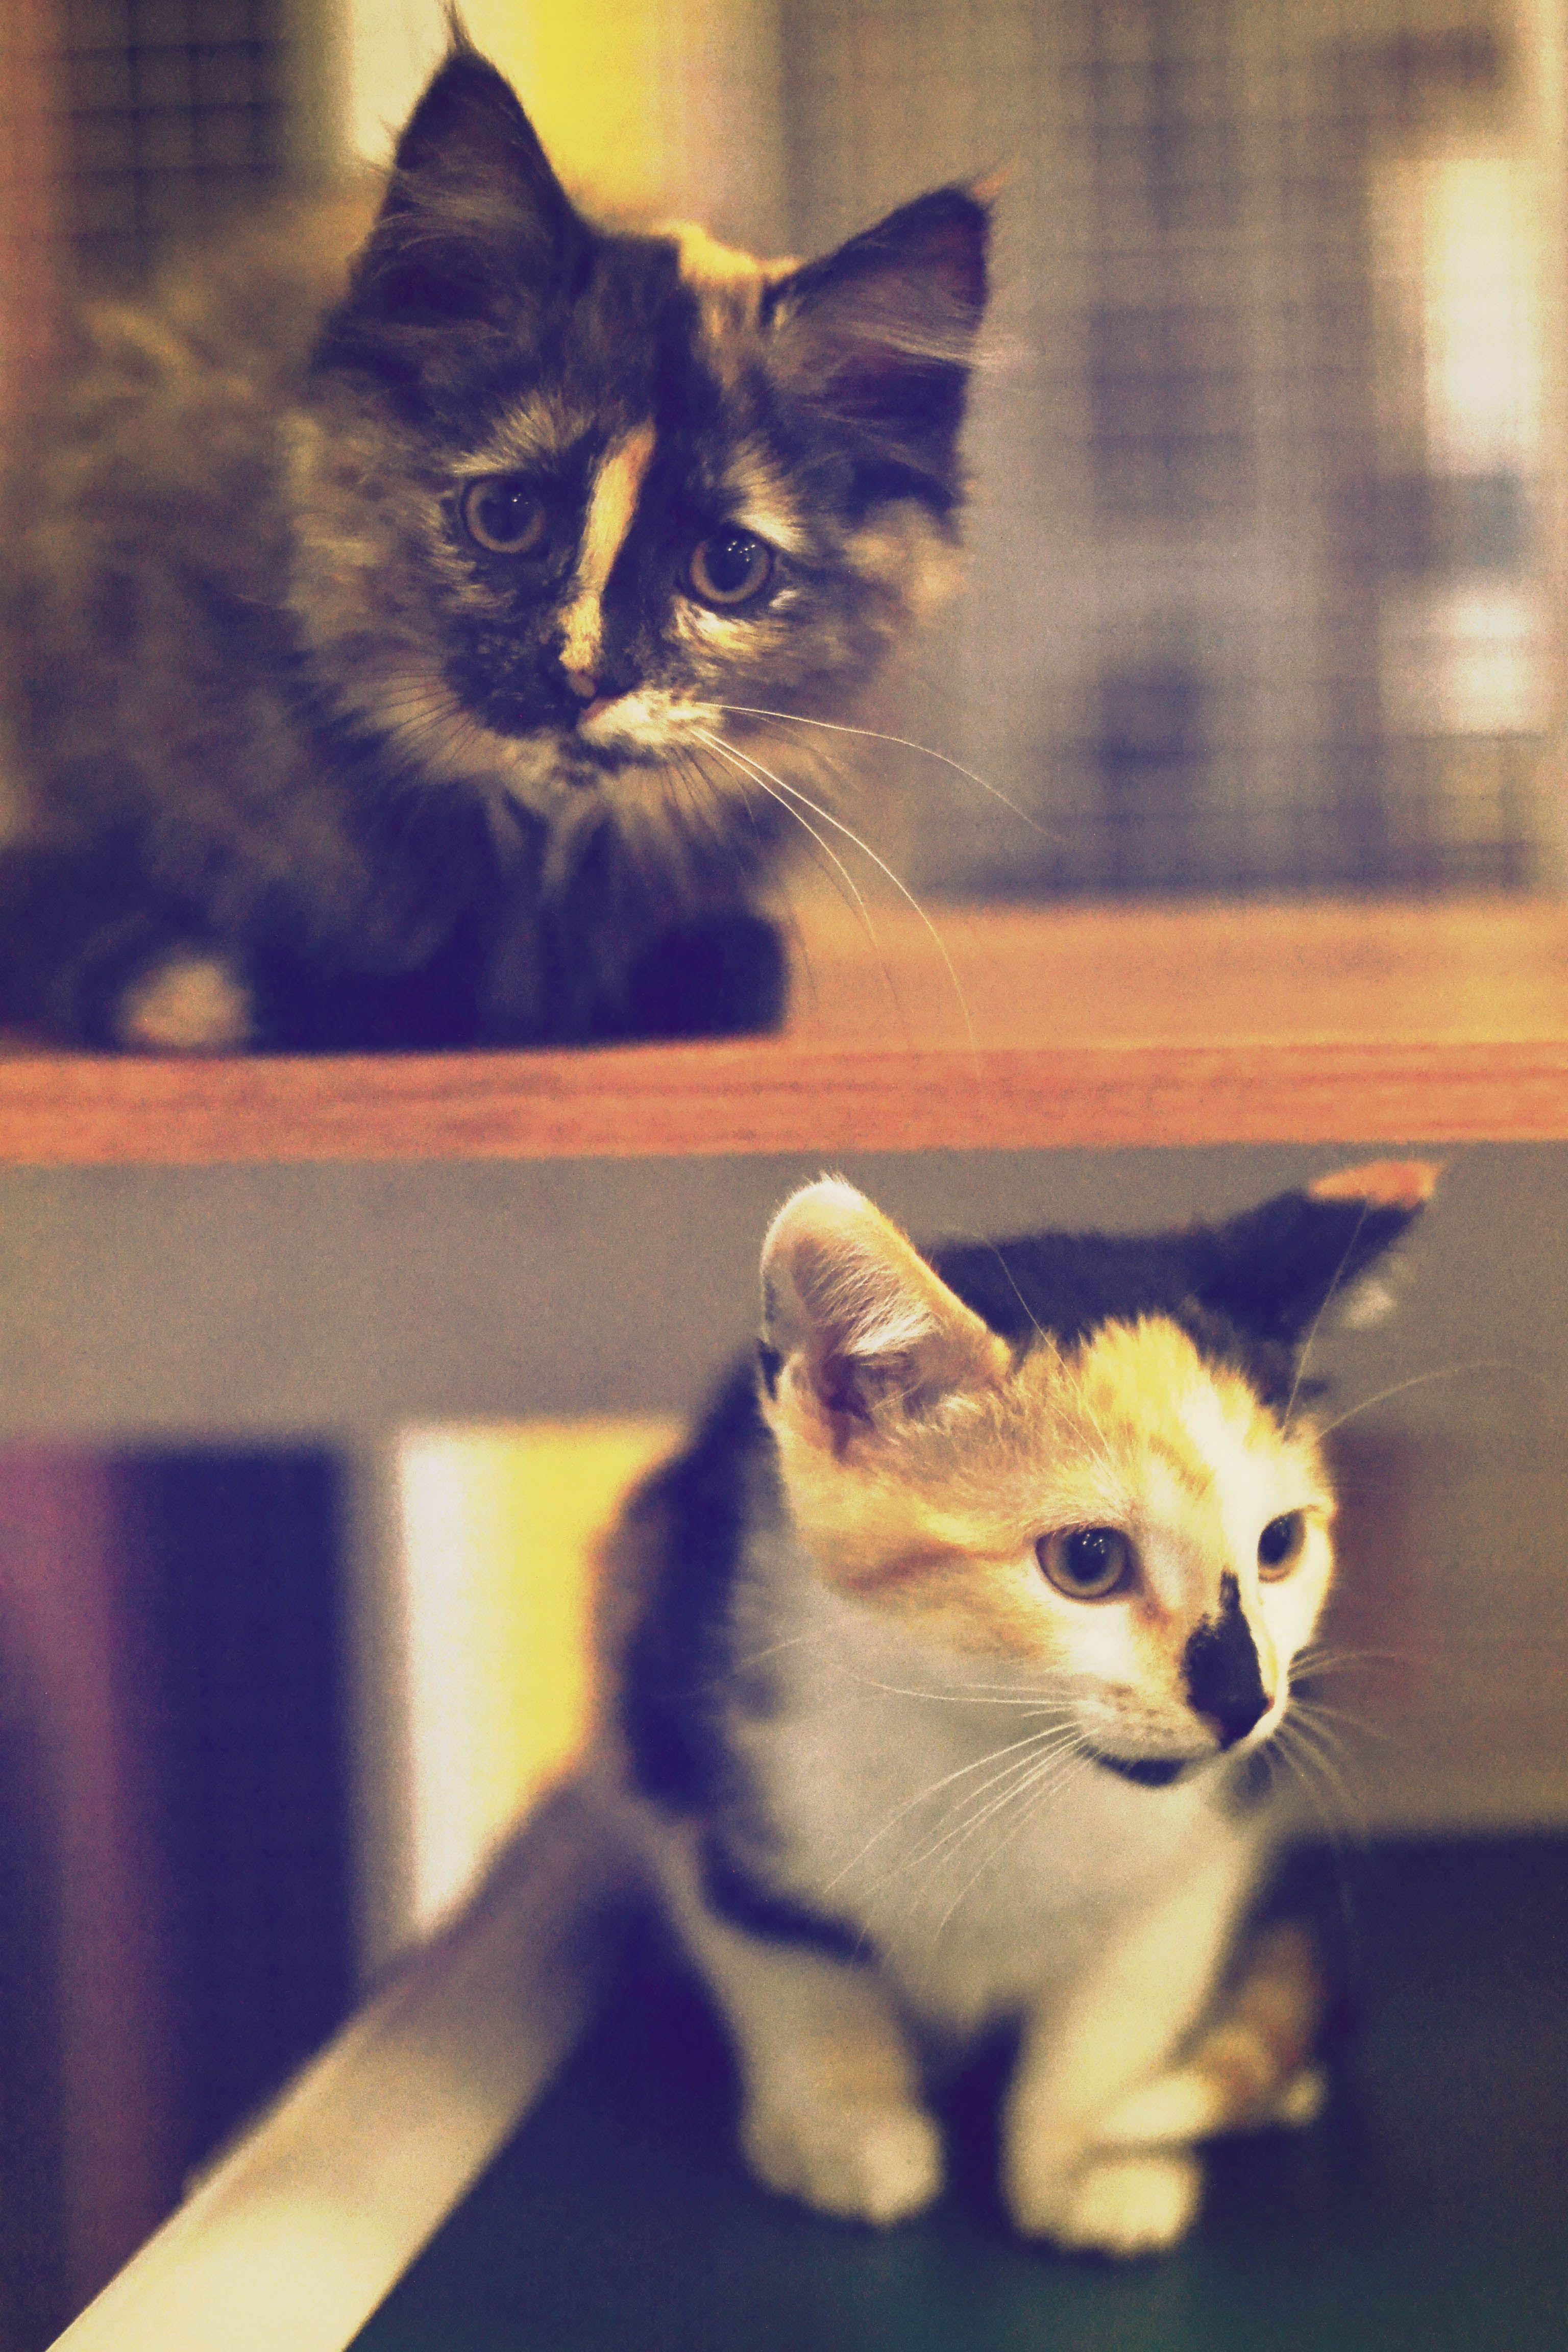 Kittens) Cute cats, Cute animals, Kittens